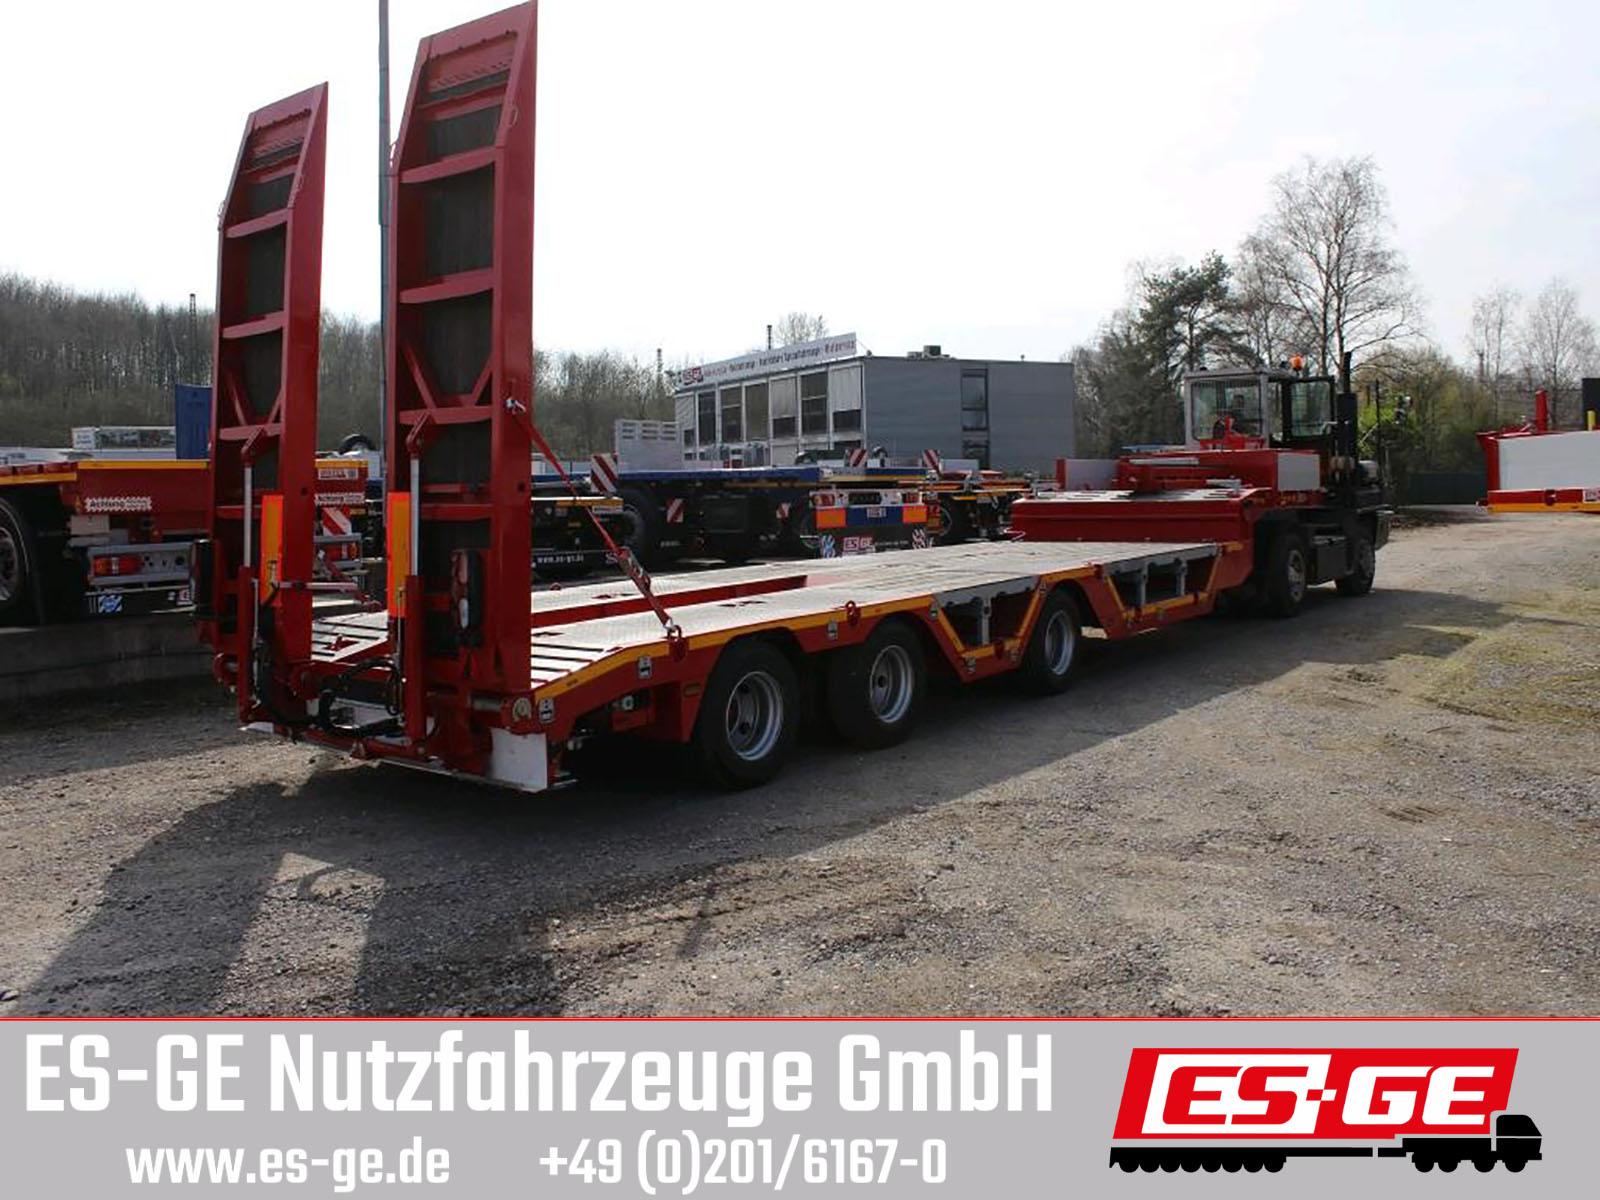 ES-GE 3-Achs-Satteltieflader - Radmulden